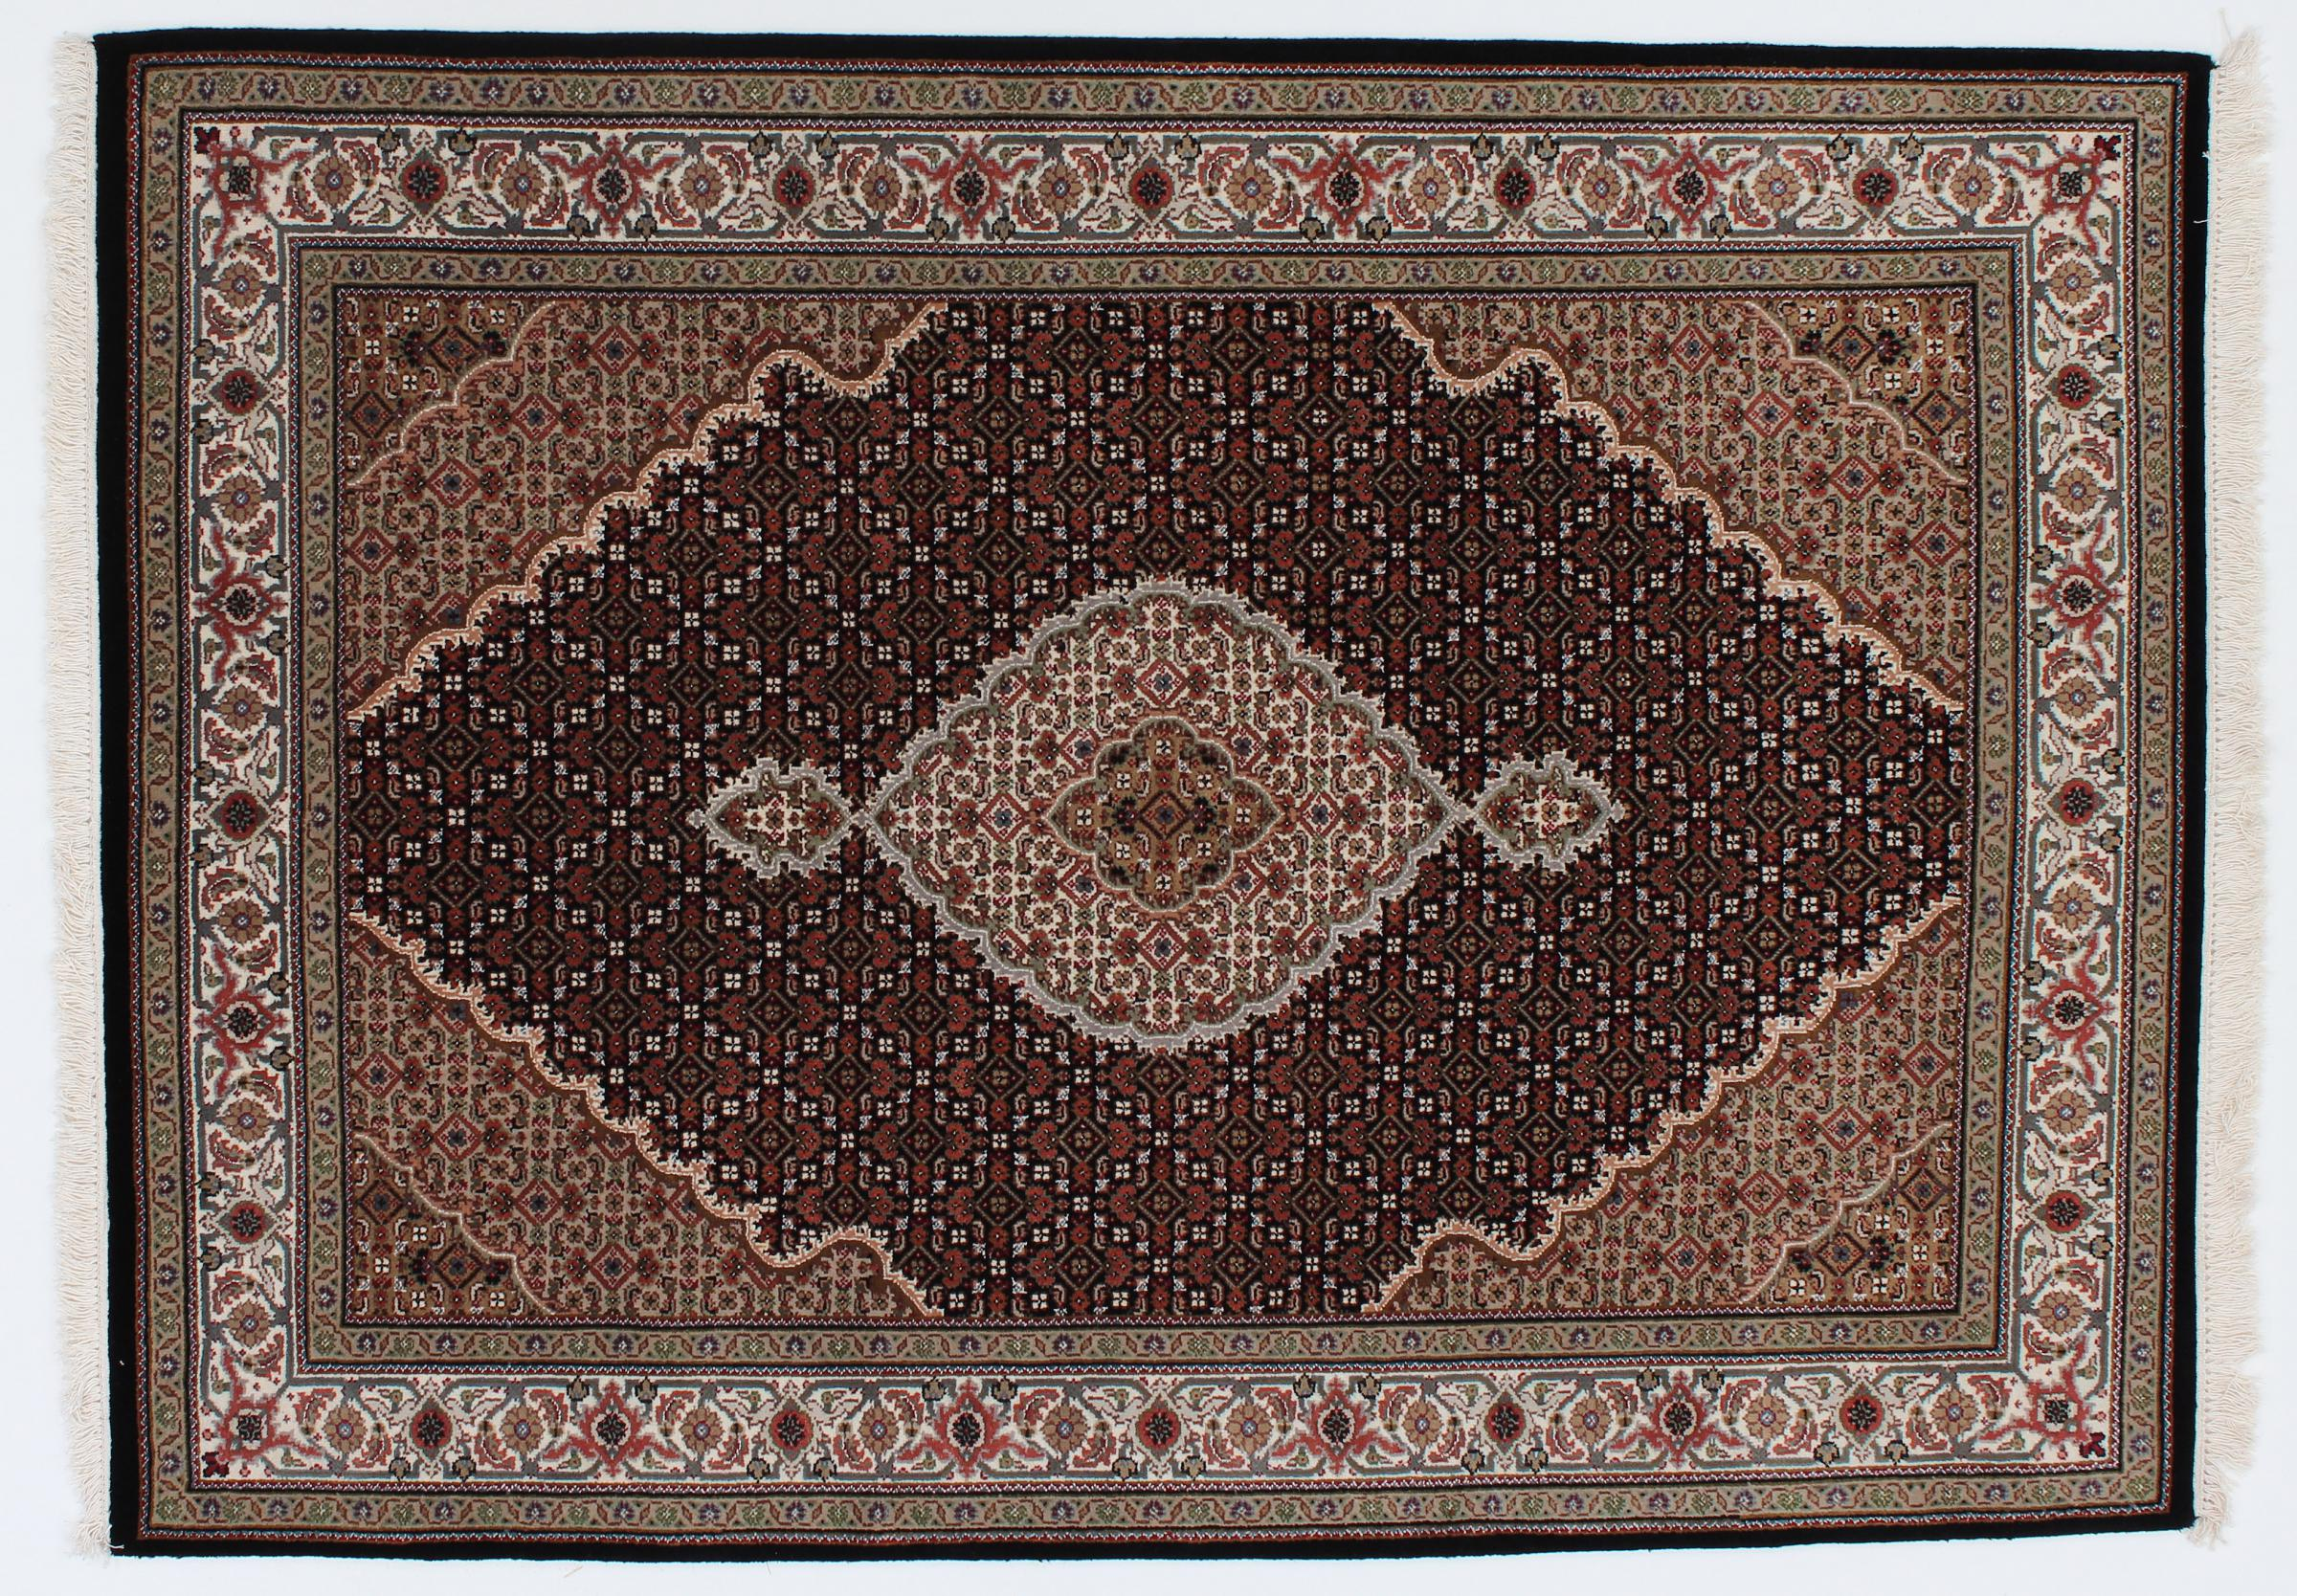 indo t briz indischer teppich 203x143 id23557 kaufen sie ihren orientteppich i 200x150 bei. Black Bedroom Furniture Sets. Home Design Ideas